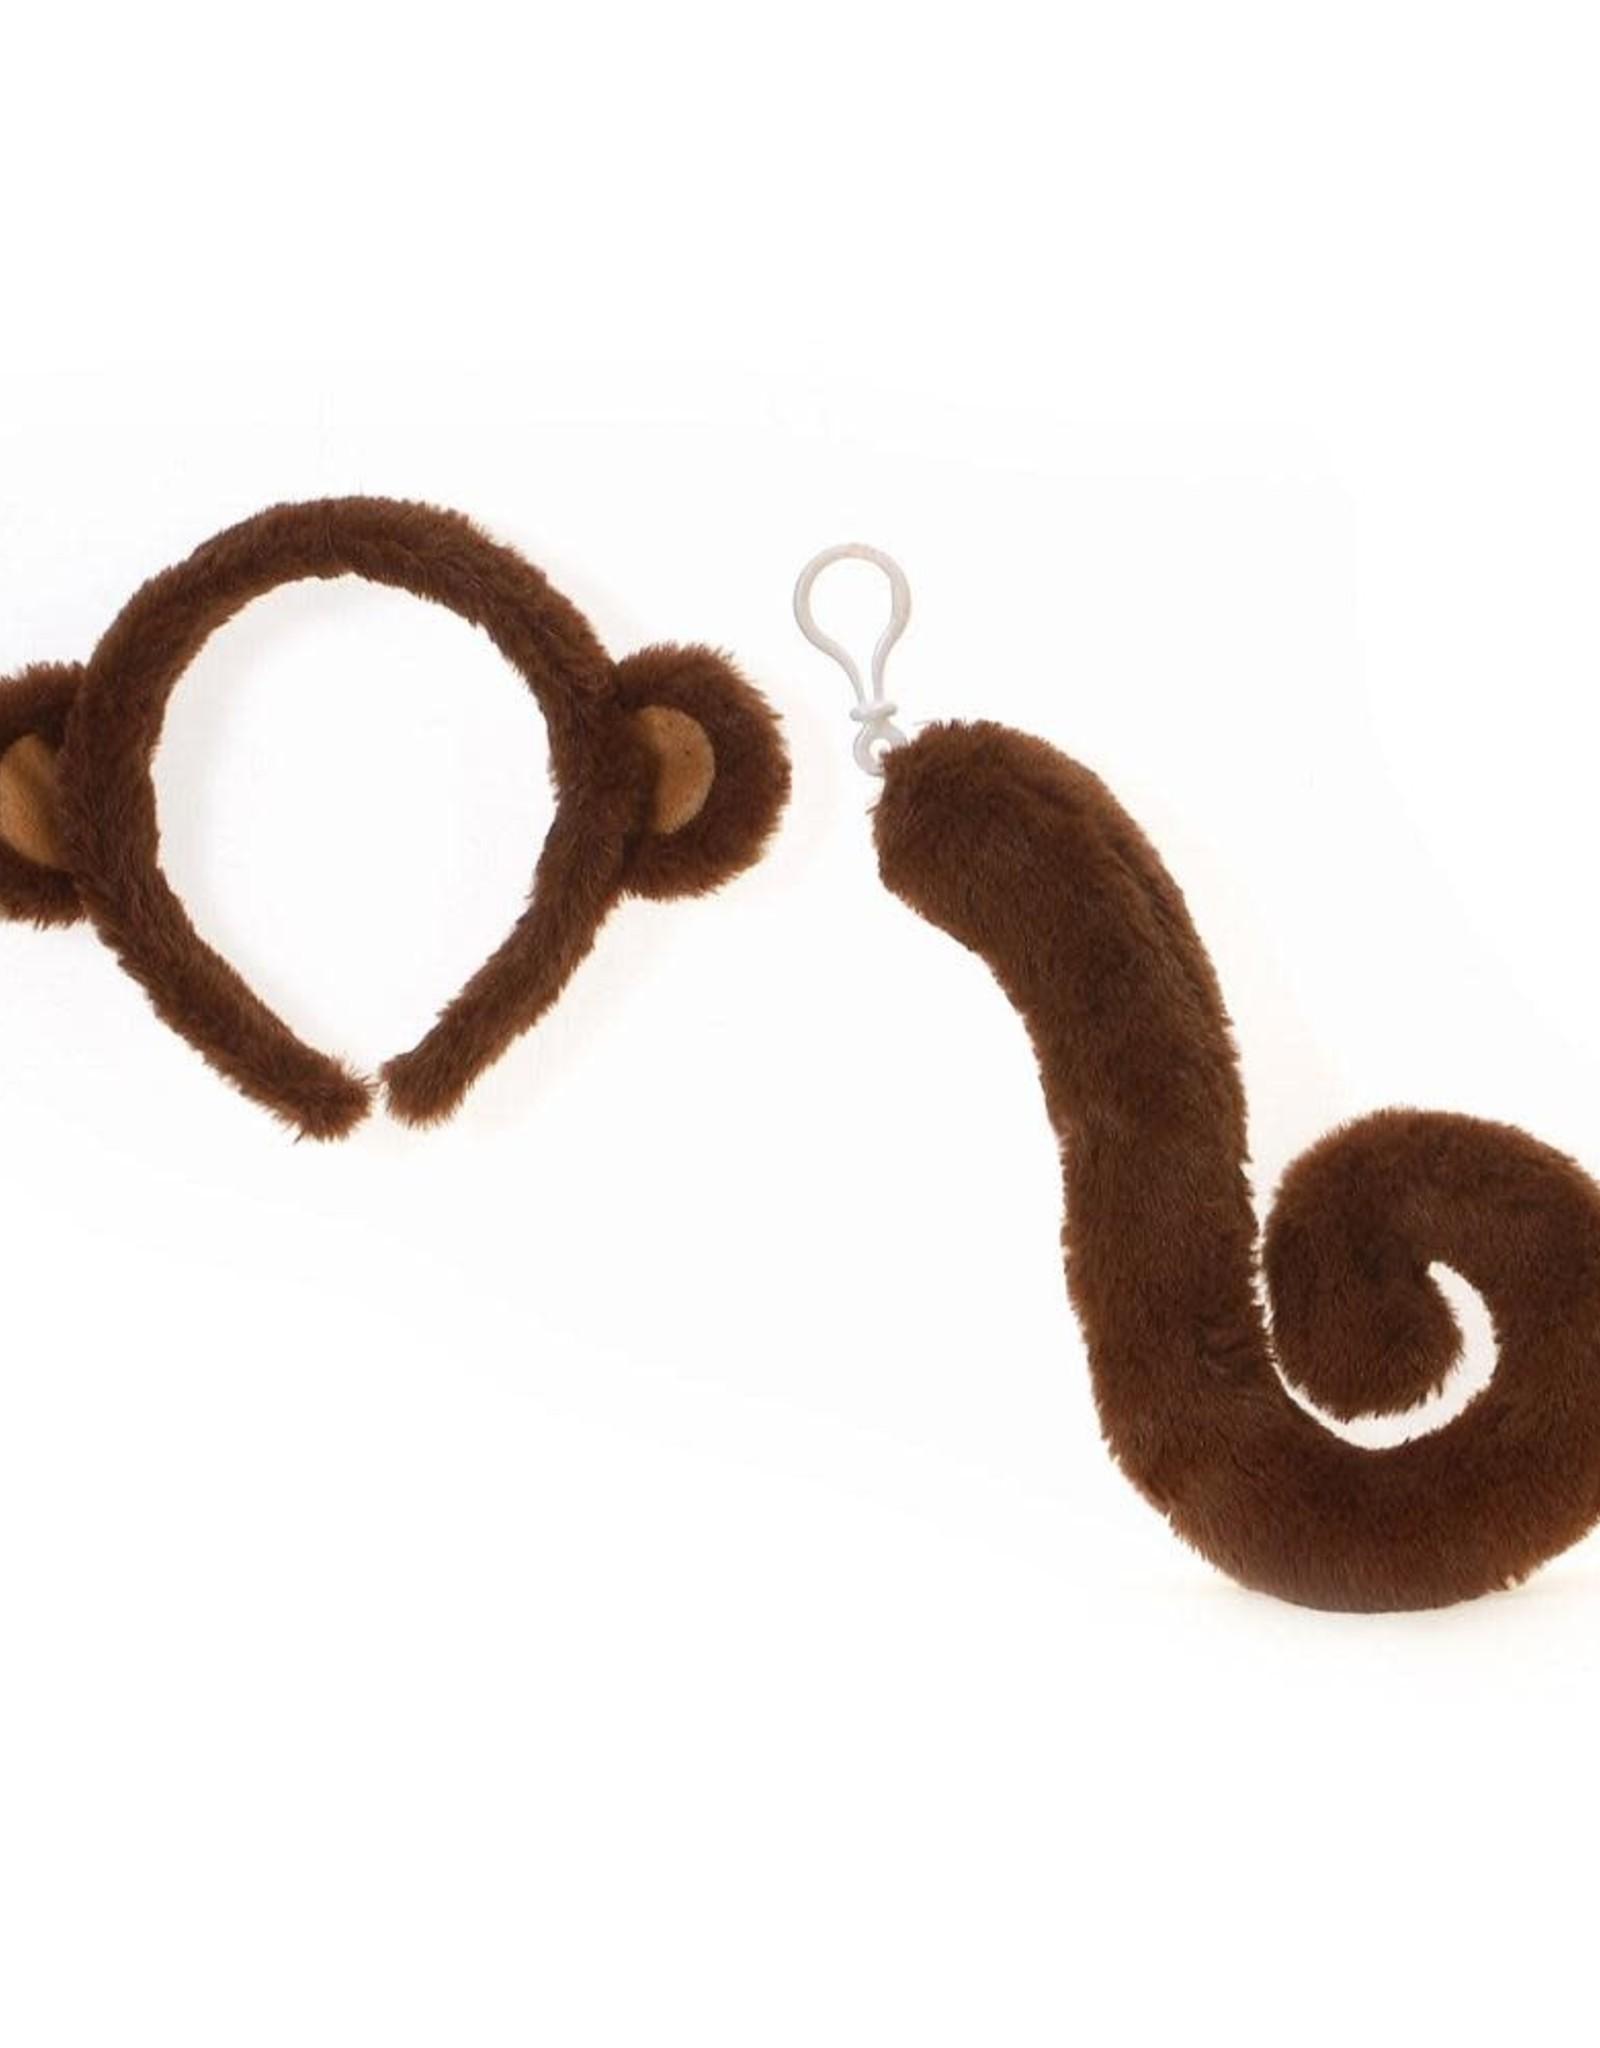 Fiesta Toys Monkey Ears & Tail